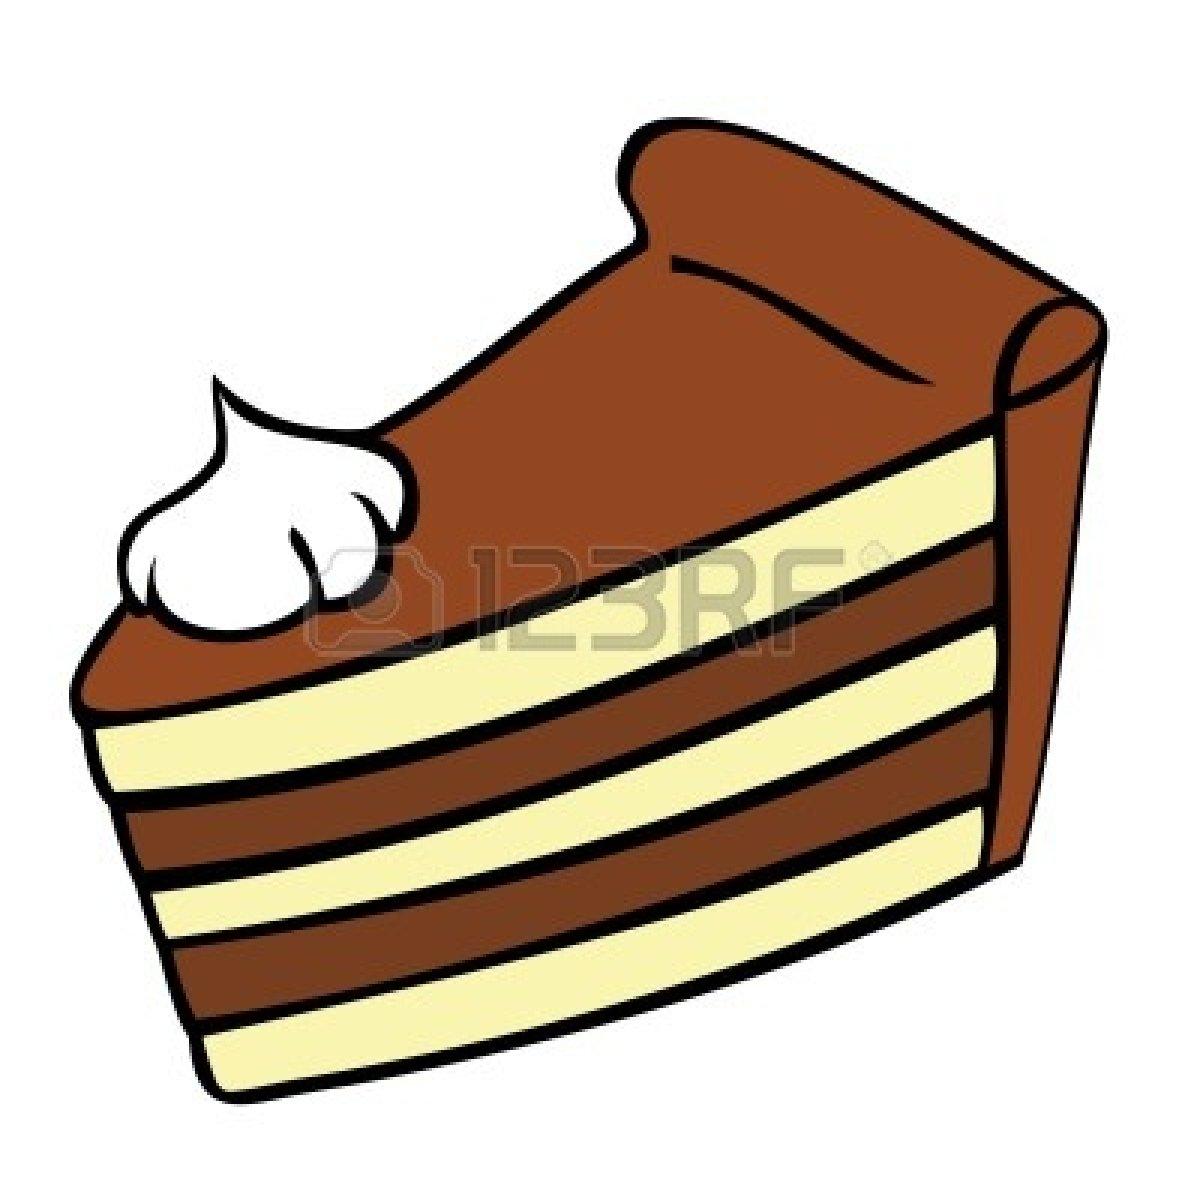 Cartoon cake slice